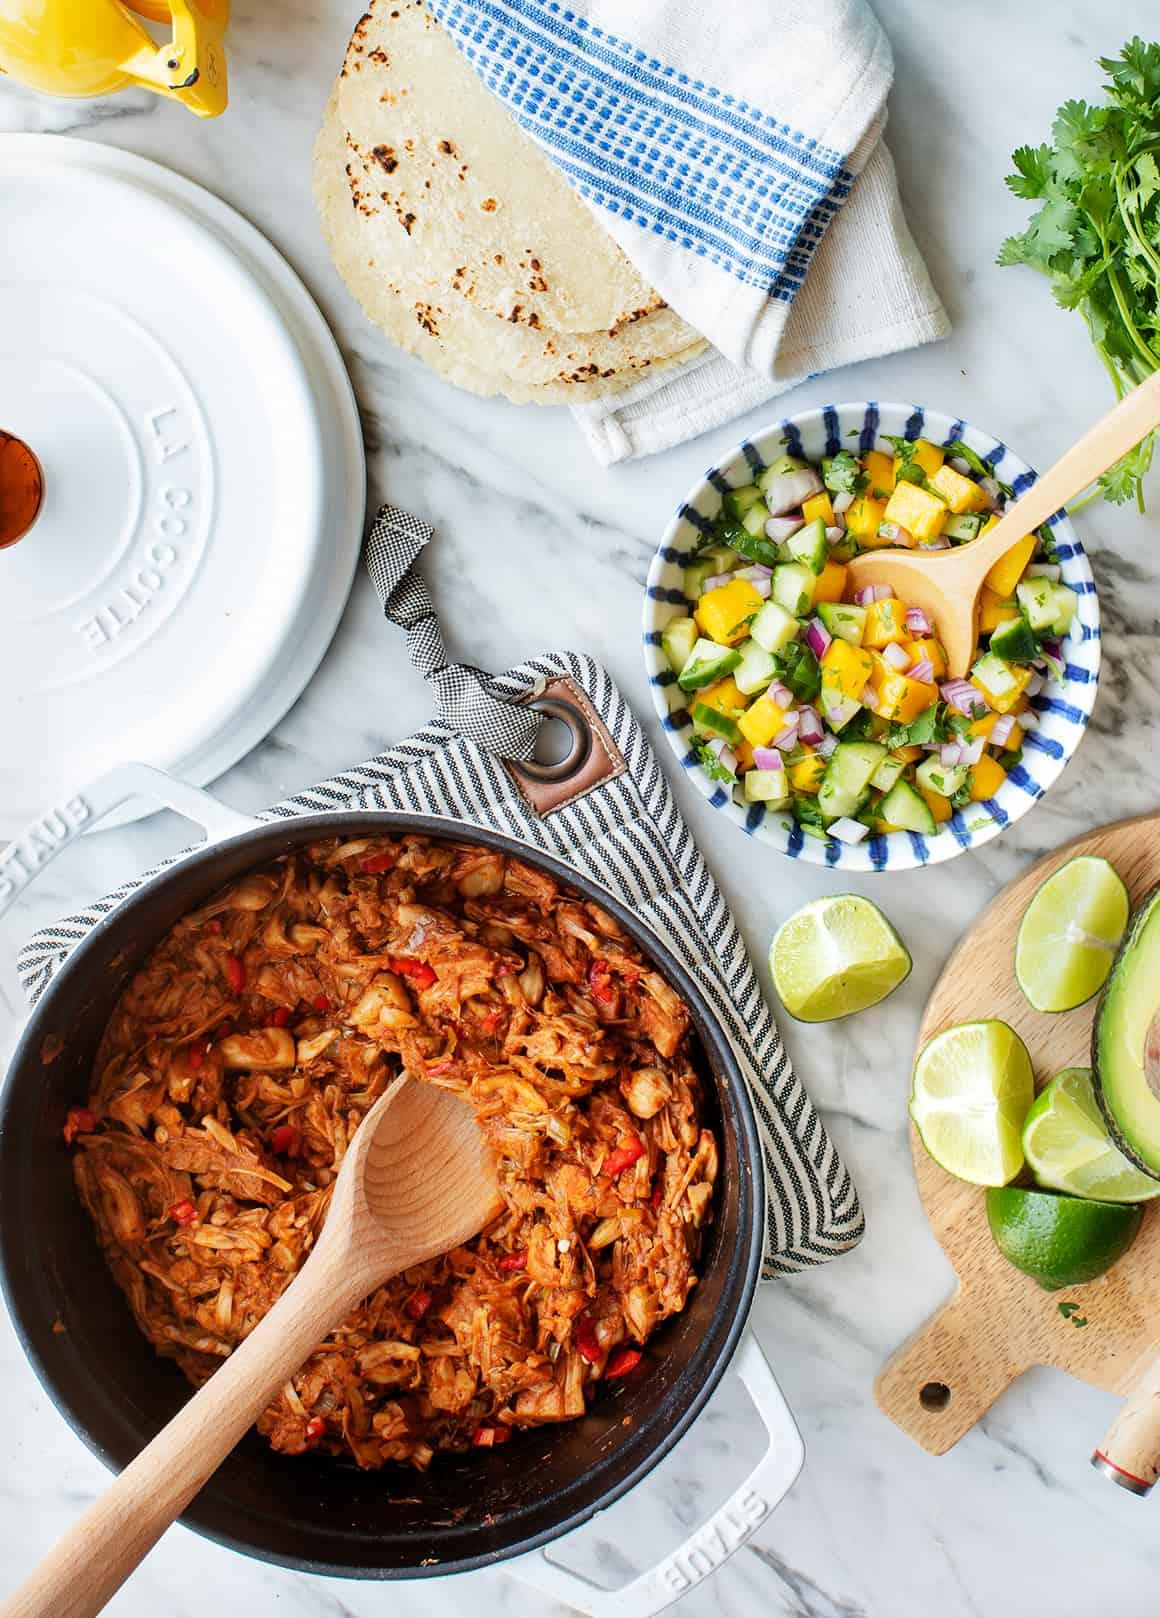 Vegan Taco Recipe Components